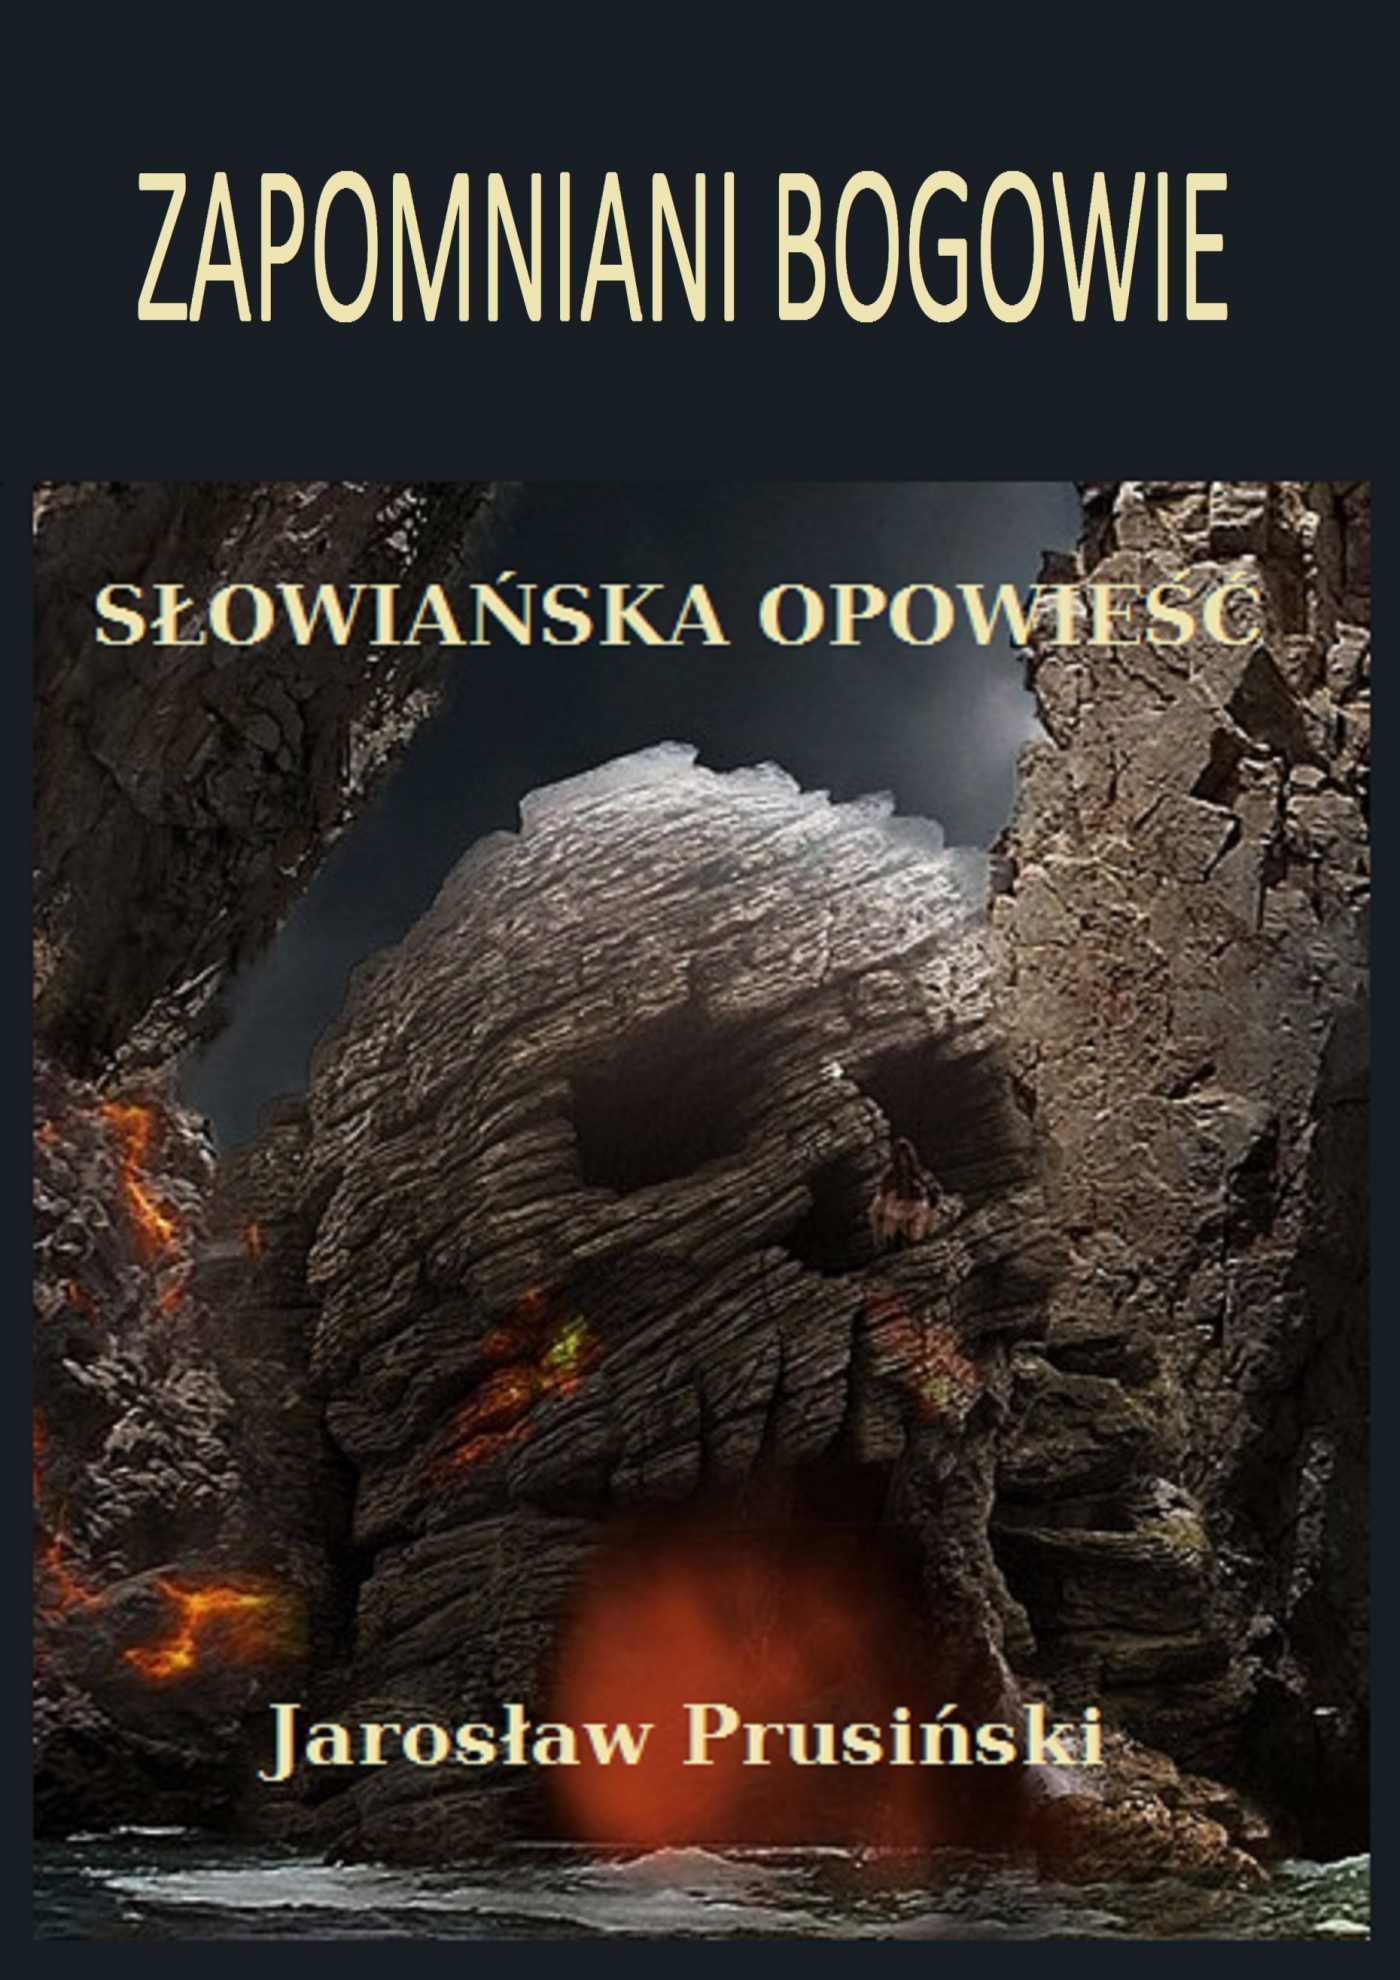 Zapomniani bogowie - Ebook (Książka PDF) do pobrania w formacie PDF